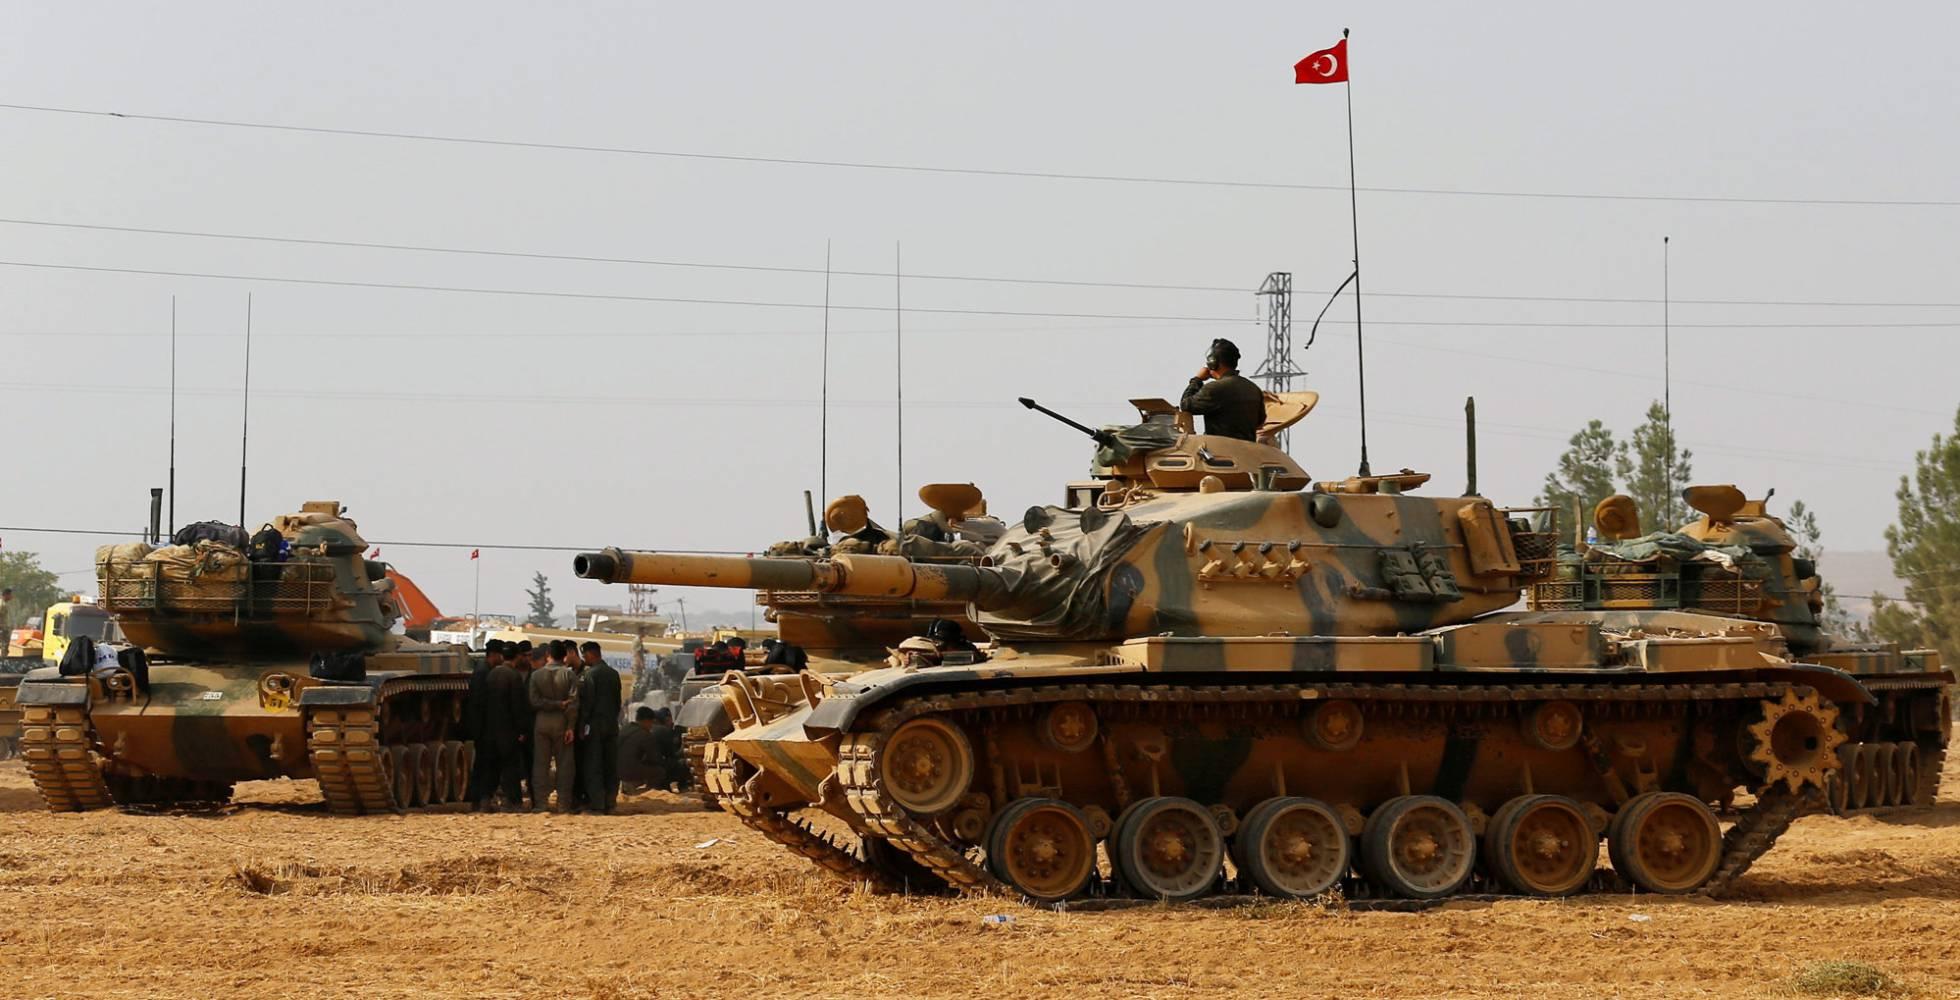 Tanques turcos posicionados en la frontera con Siria. UMIT BEKTAS REUTERS)